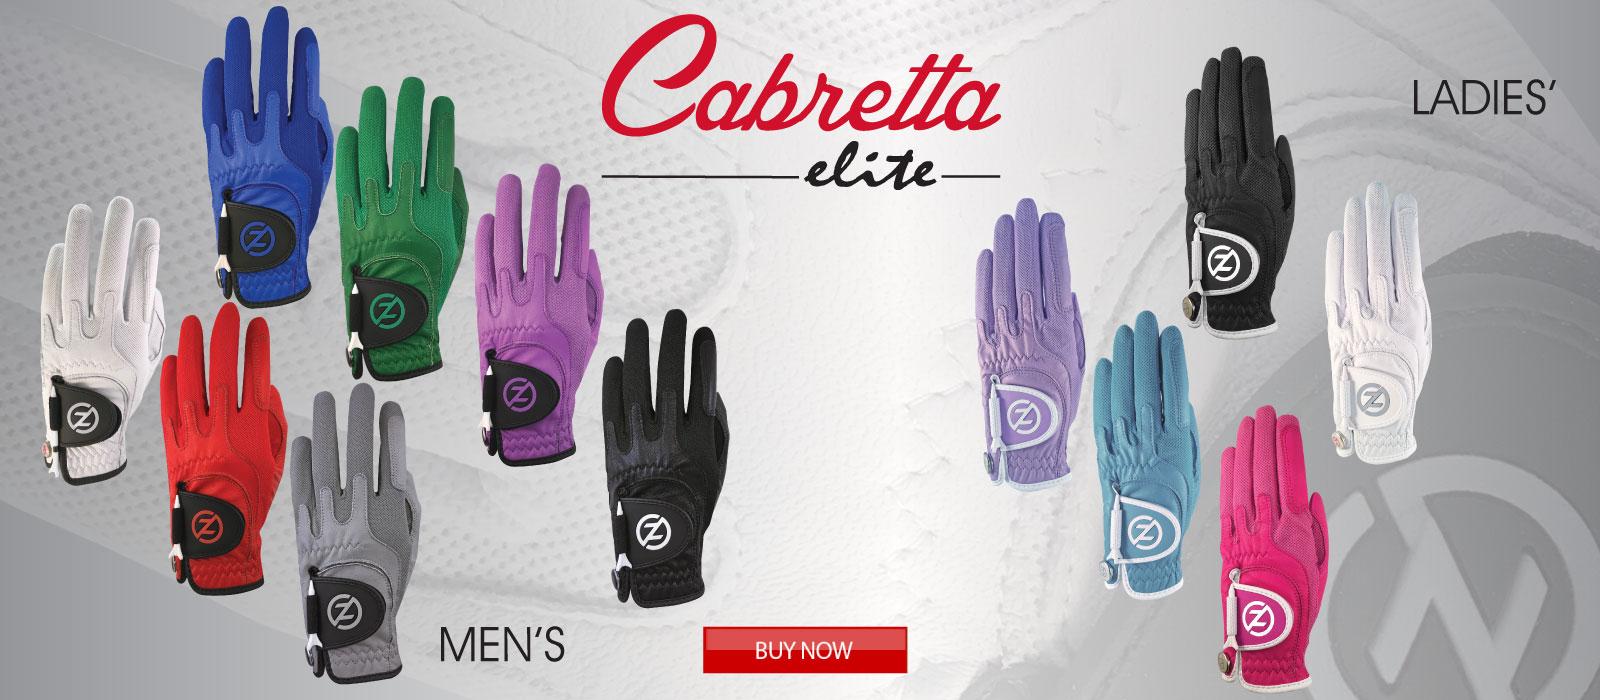 Cabretta Elite Golf Gloves